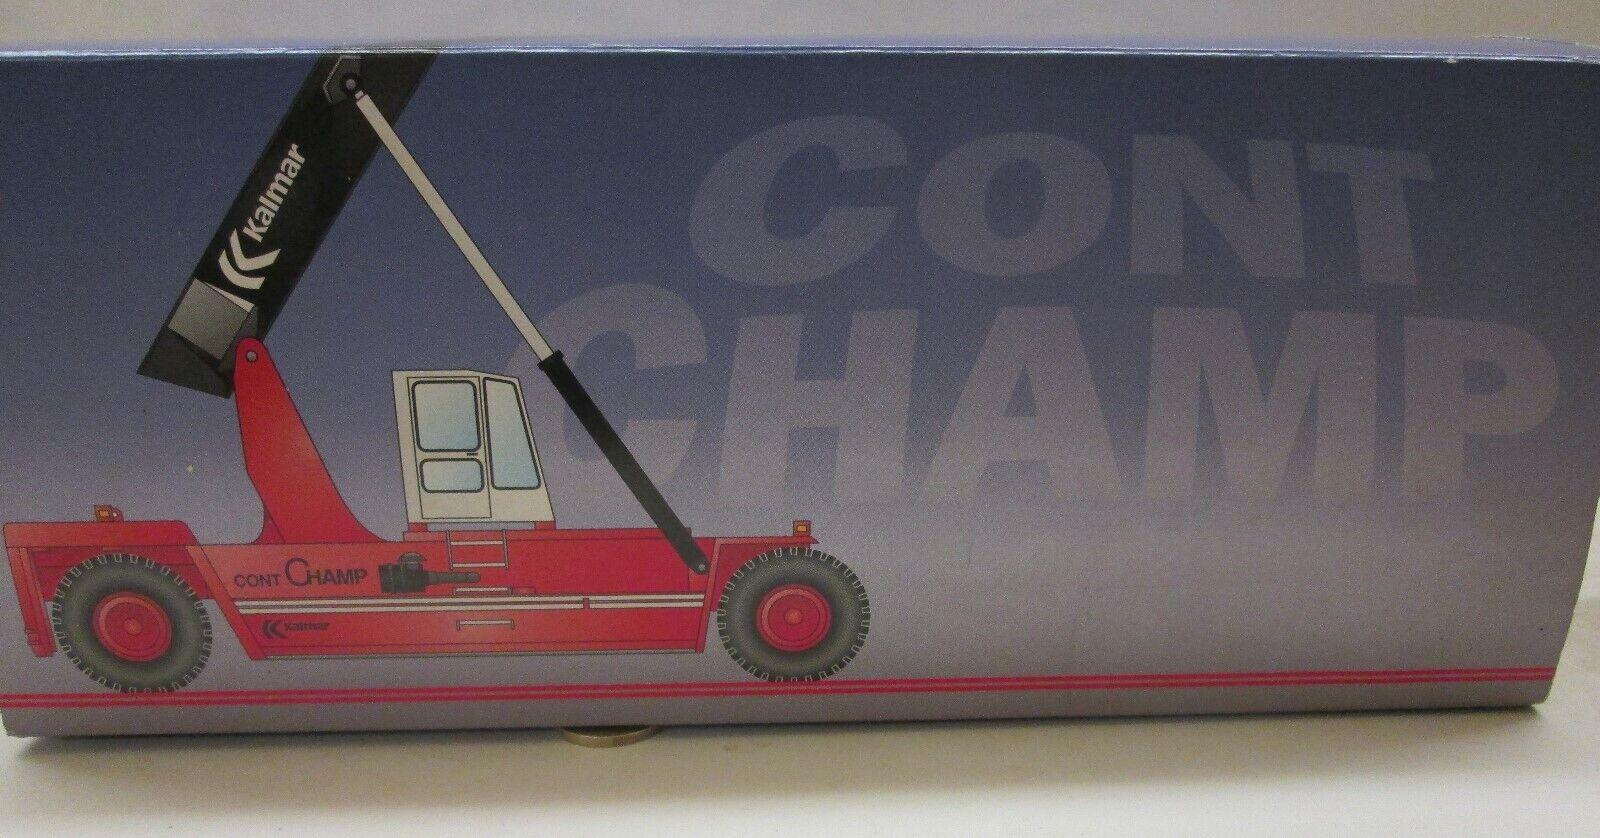 barato y de alta calidad Conrad 2973  Kalmar cont Champ 1 50 50 50 (4272)  almacén al por mayor